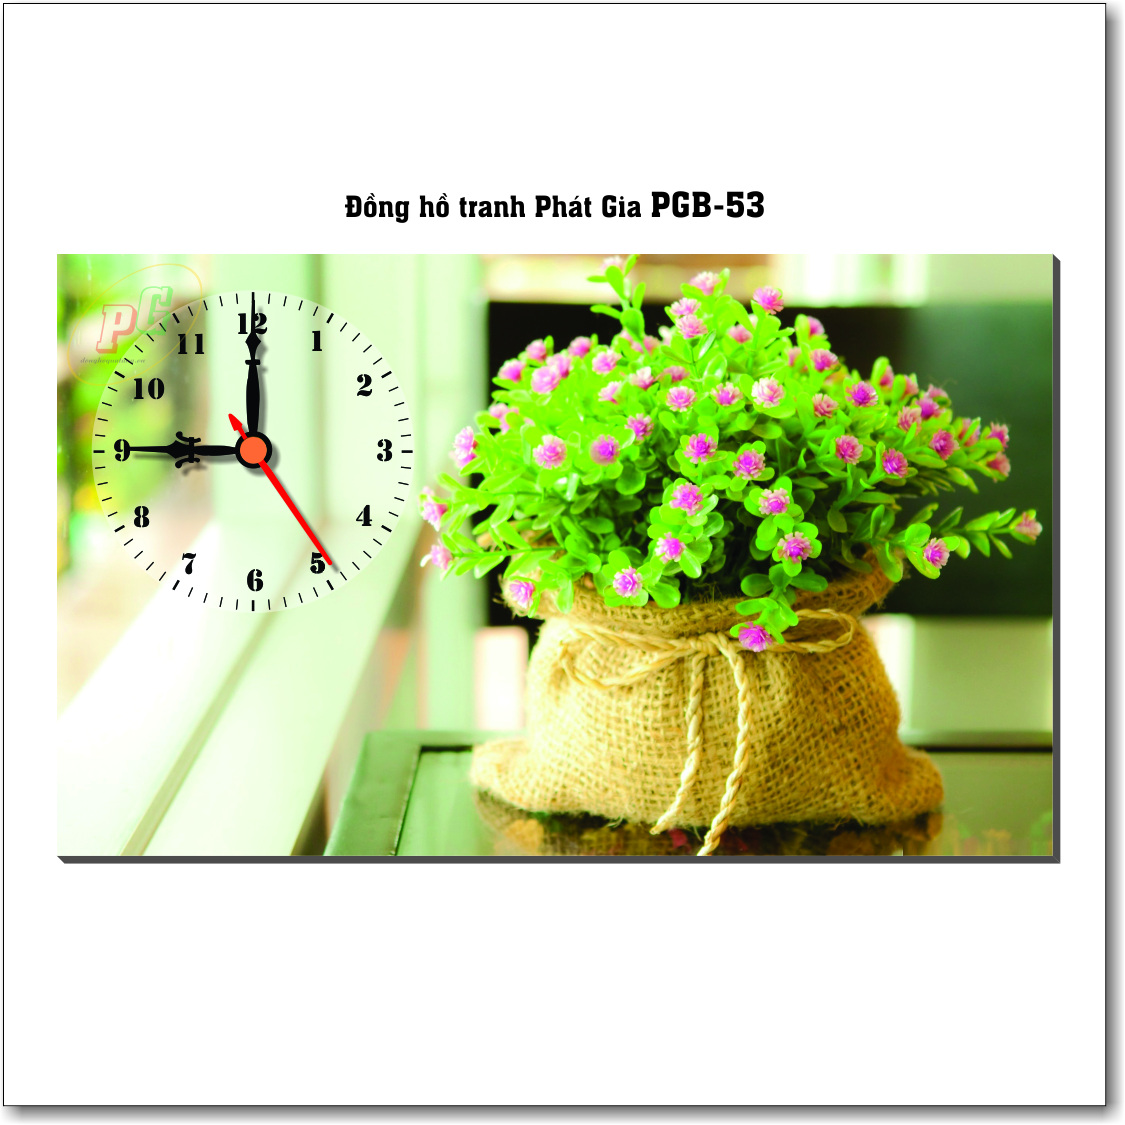 Đồng hồ tranh để bàn PGB-53